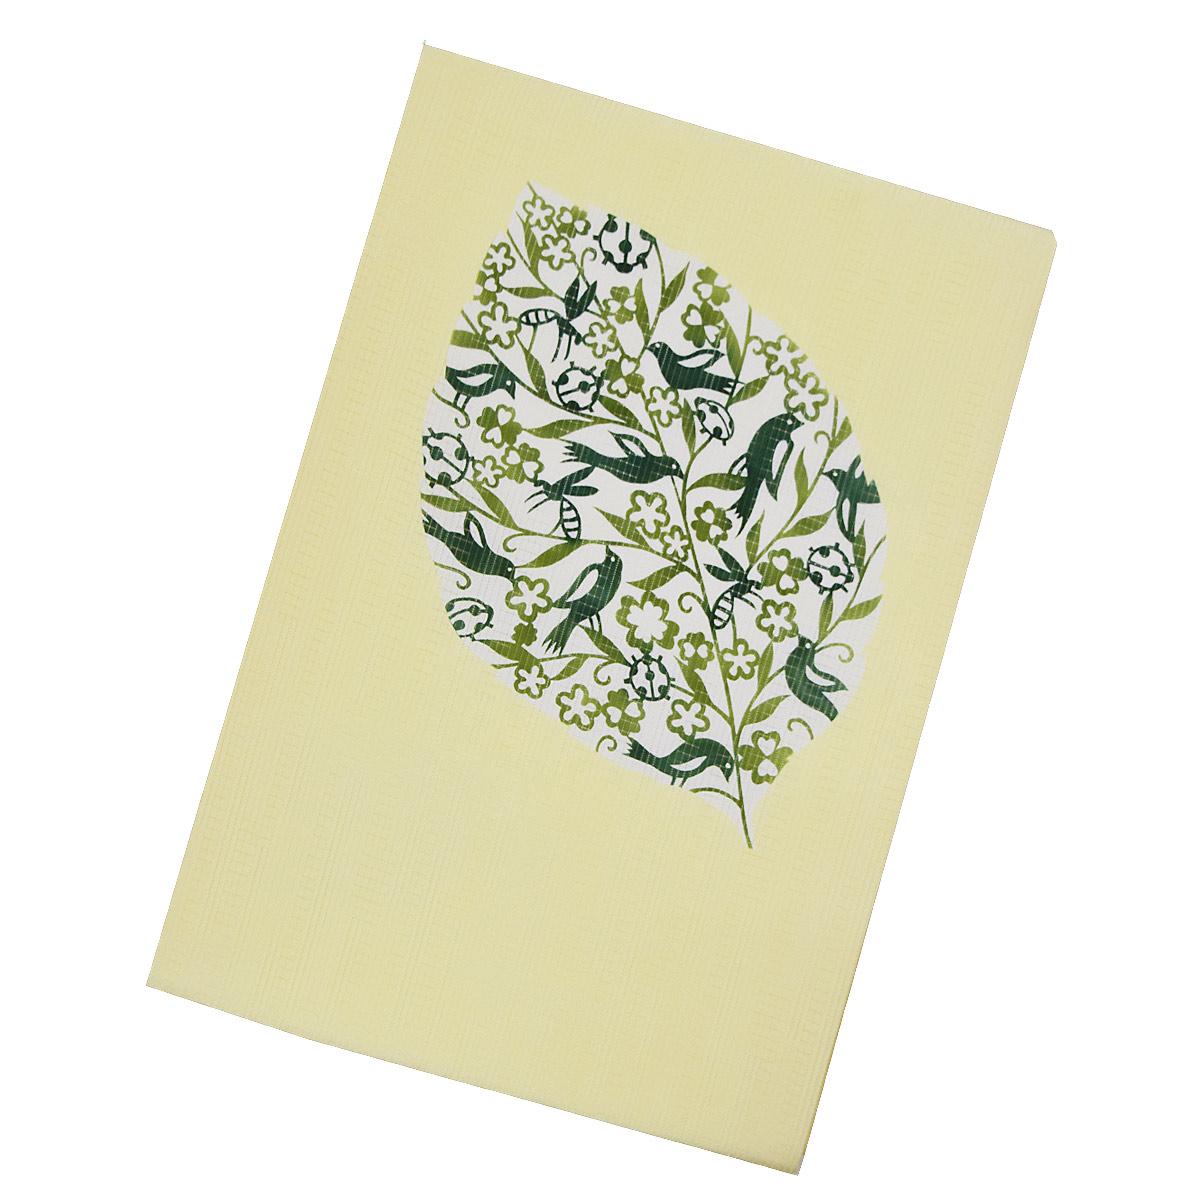 【鳥と虫柄】正絹 仕立て上がり 名古屋帯【夏】九寸 普段着 お洒落 黄色 緑番号d521-17